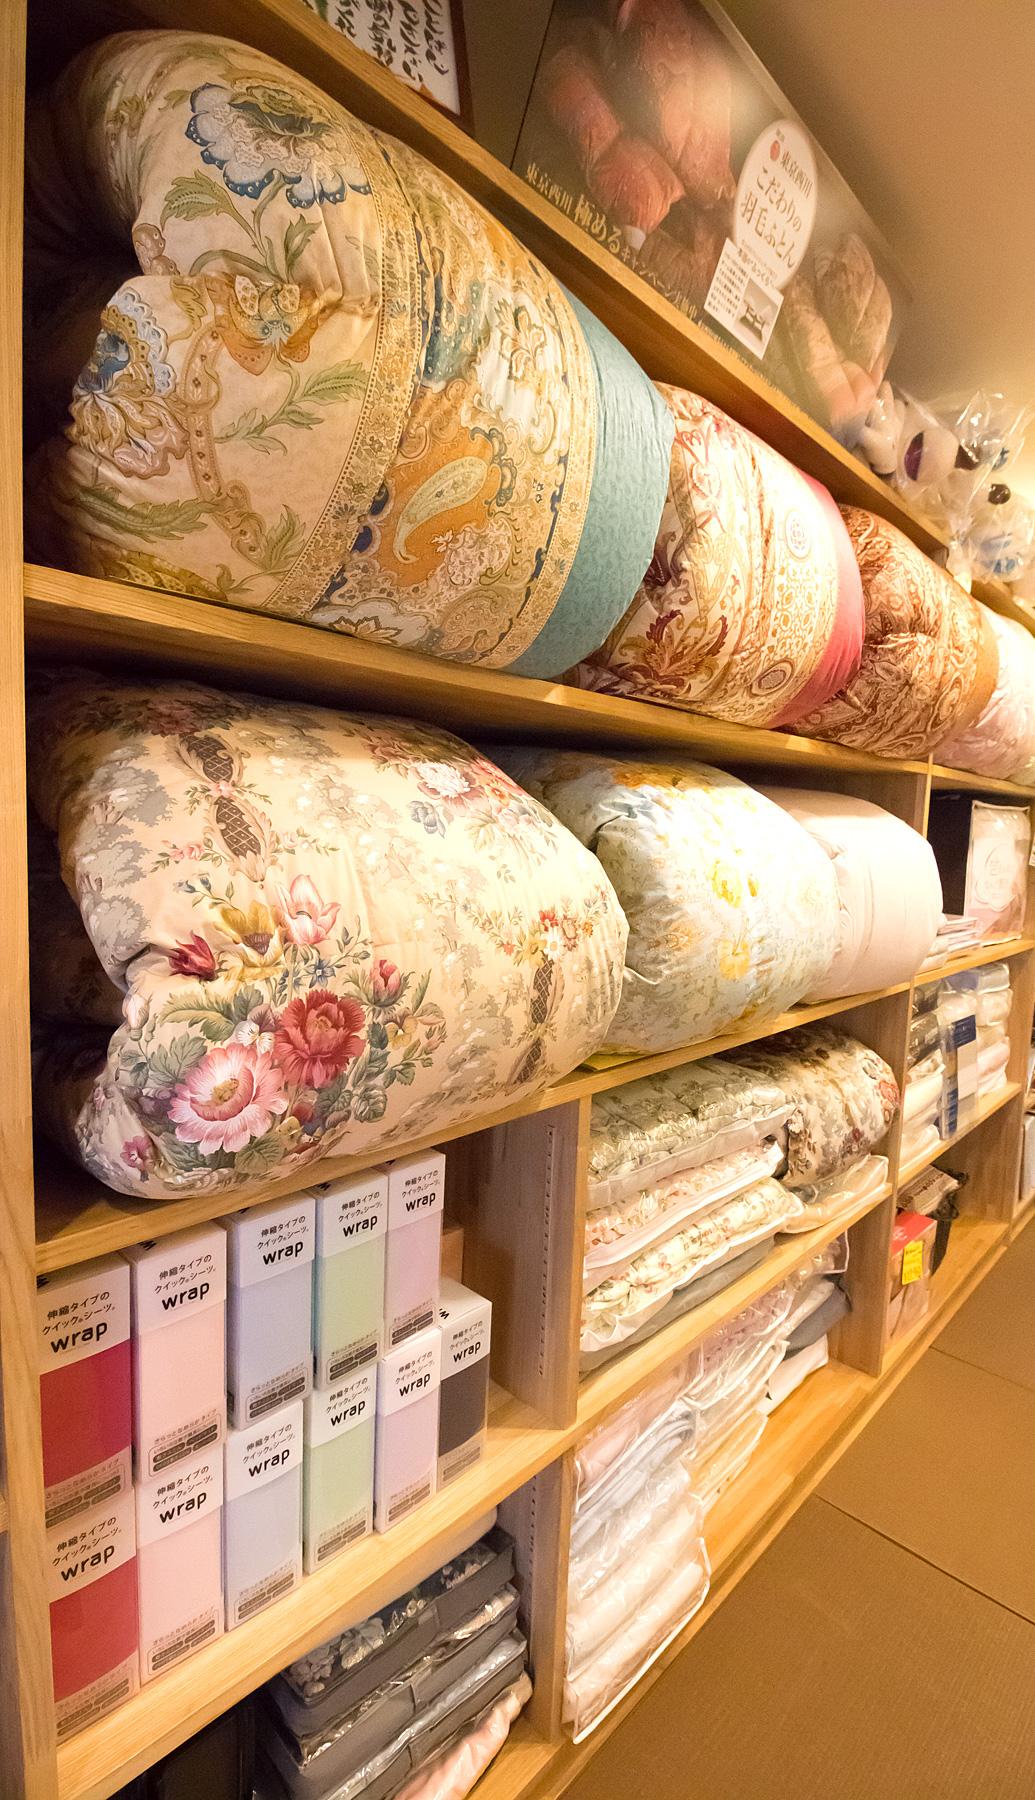 糸賀ふとん店内の風景 ふとんが並べられています